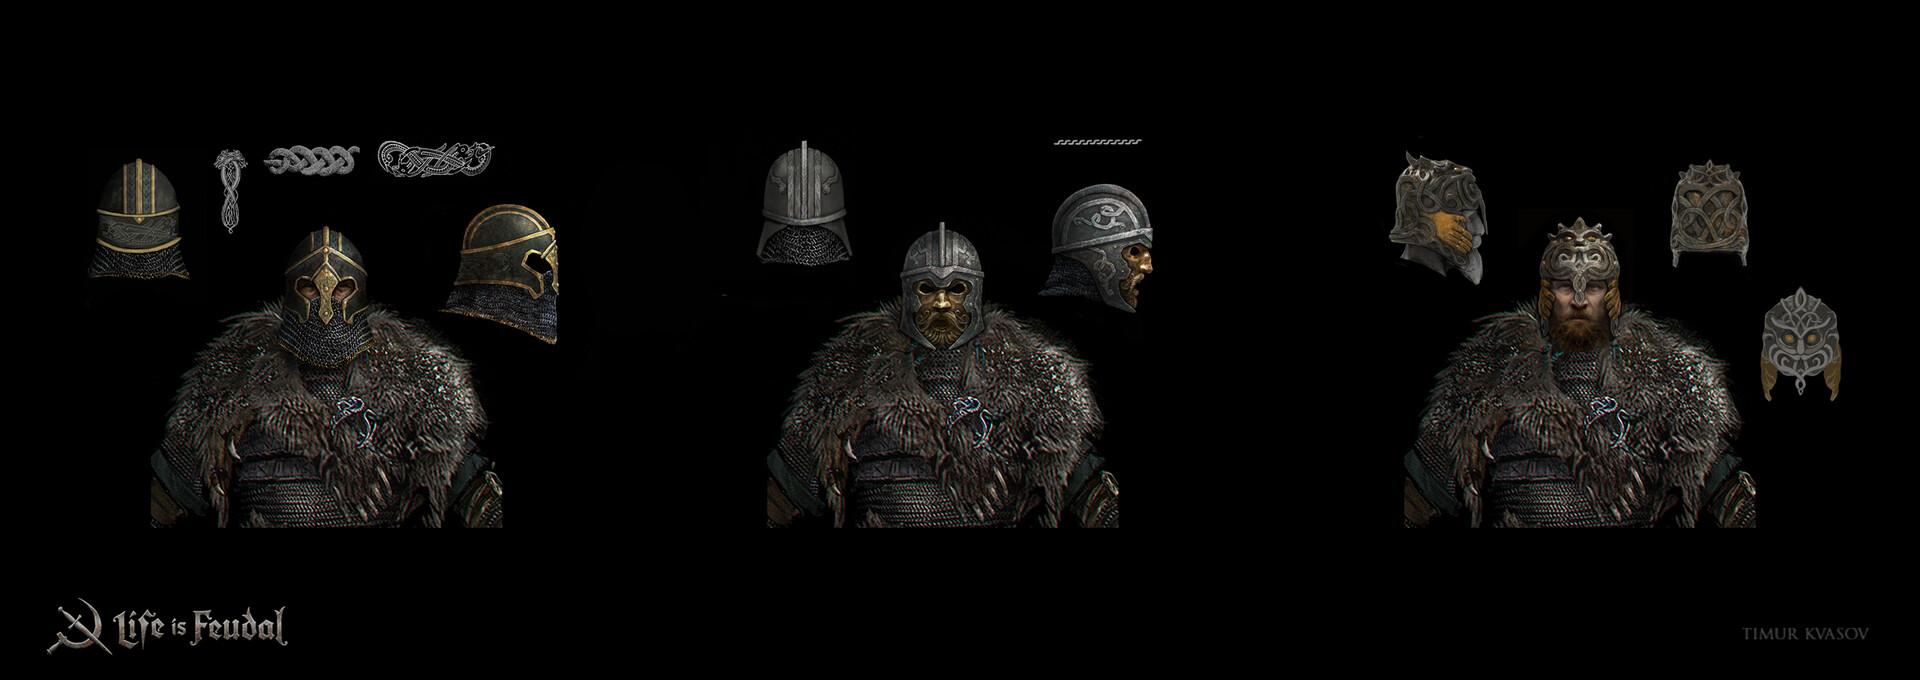 Timur kvasov lif helmets 03